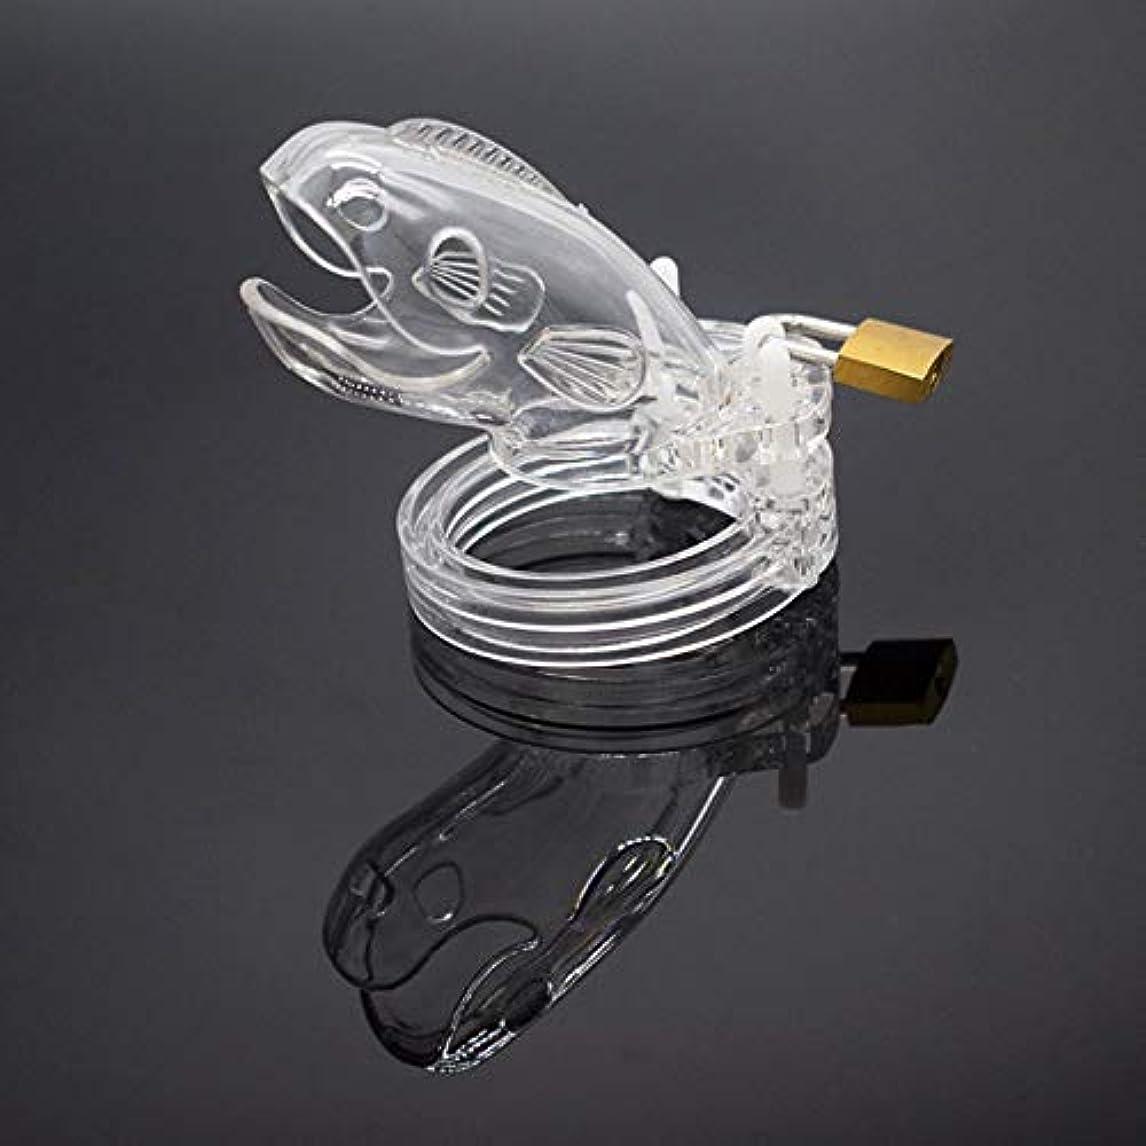 王族創造権利を与えるメンズマッサージケージデバイス、快適な男性透明性と透湿性洗浄装置5サイズで(3.5センチメートル、3.7Cm、4.2センチメートル、4.5センチメートル、4.8Cm)